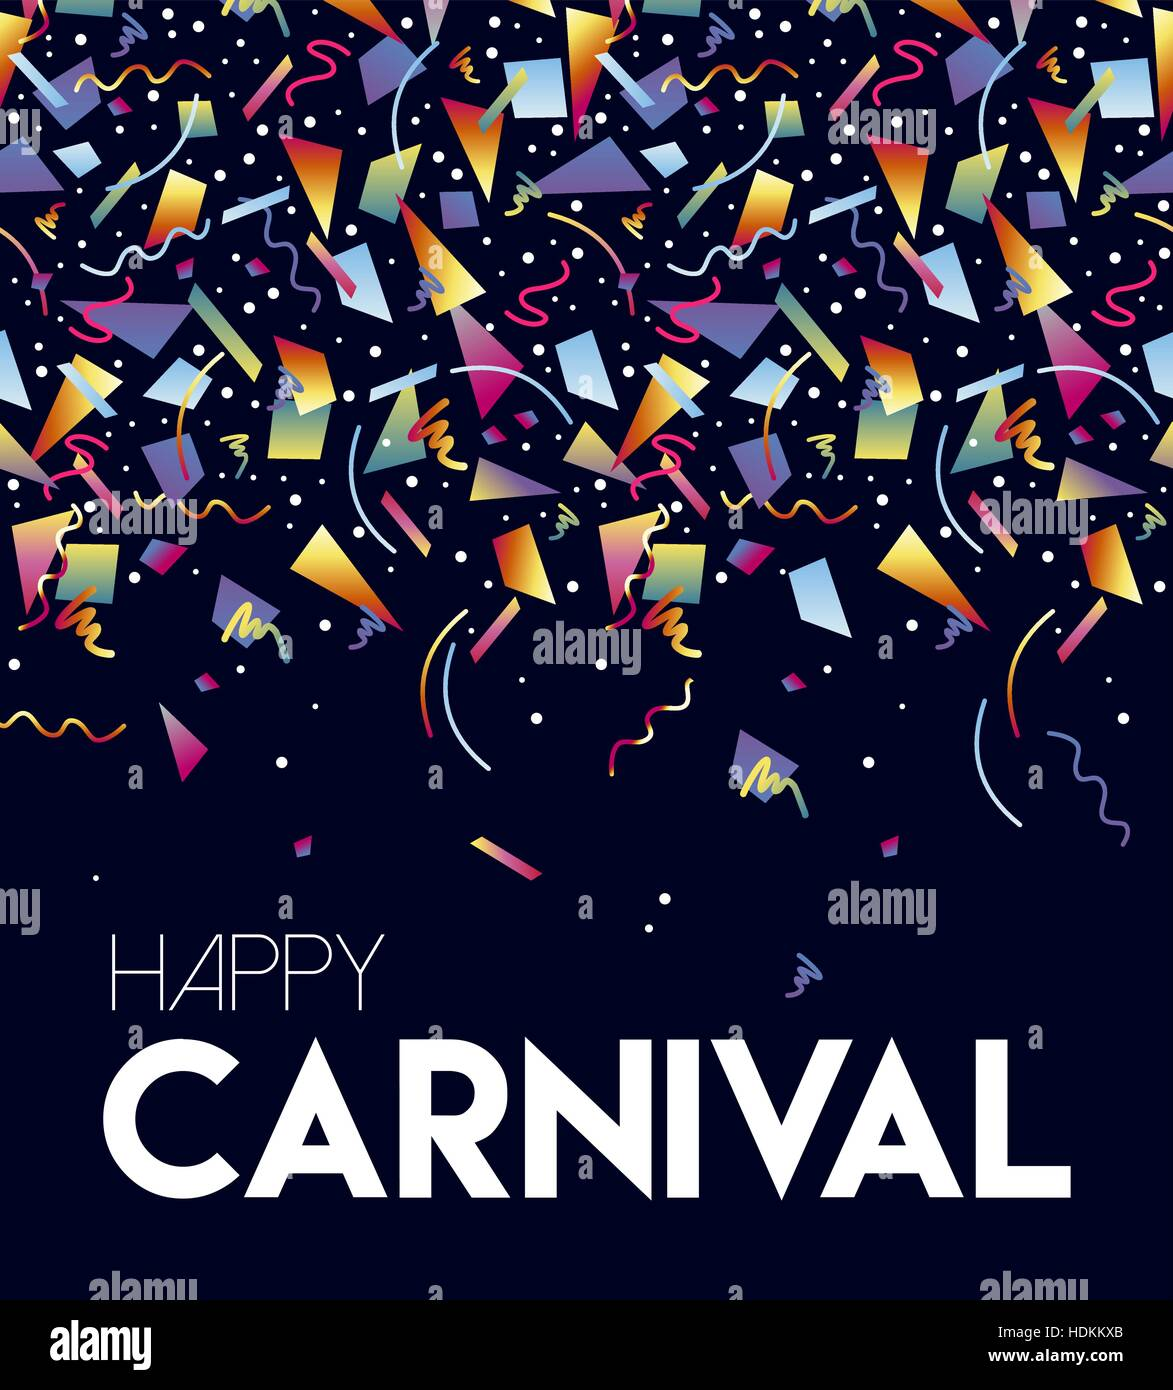 Feliz Carnaval Retro Ilustración Colorida Fiesta De Confeti